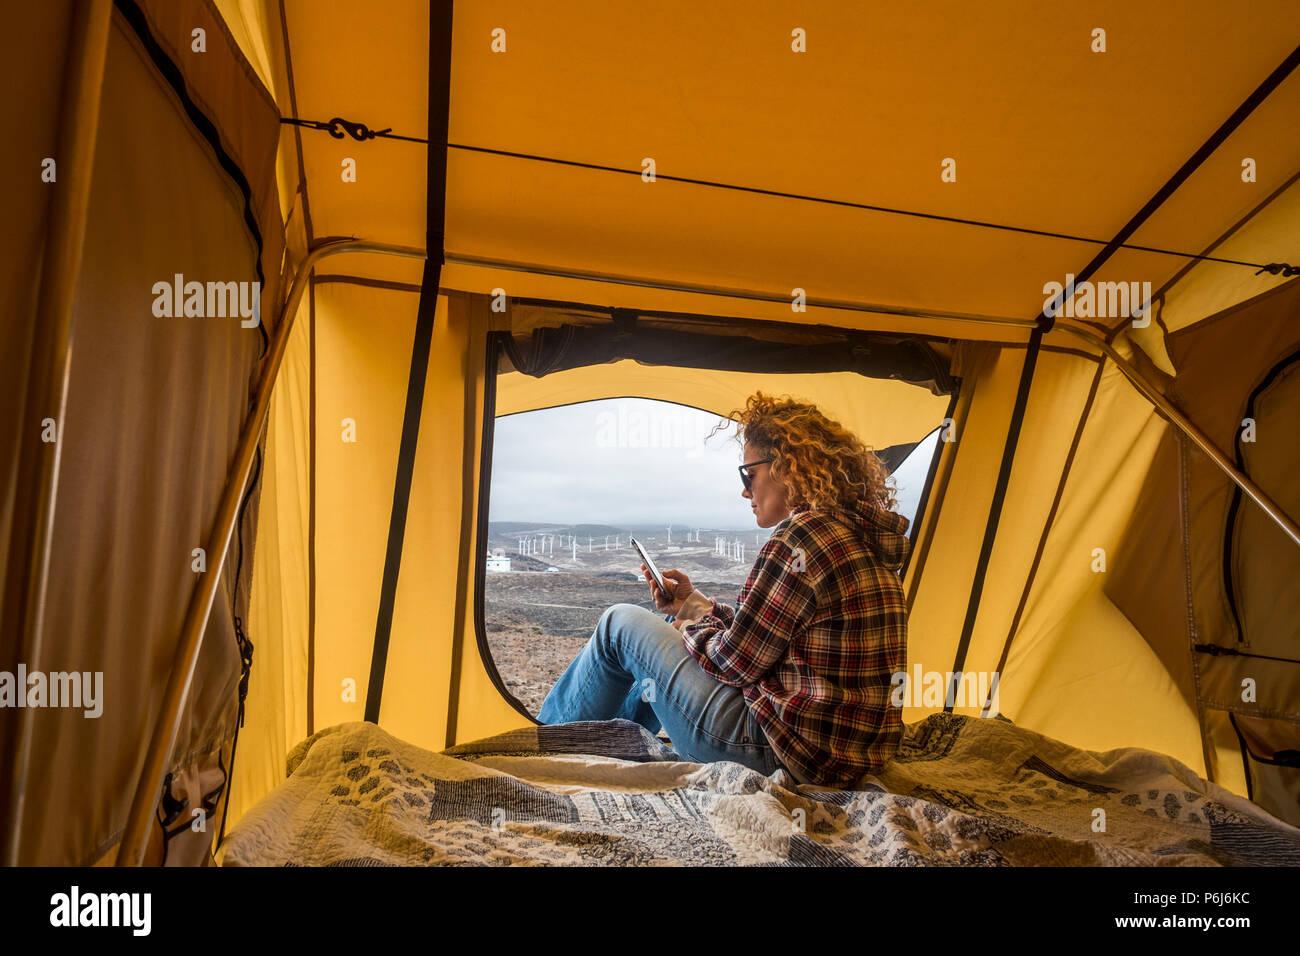 Hermosa mujer caucásica verificar el smartphone para contactos de internet y trabajar mientras sentarse fuera una carpa con vista al océano. viajar y trabajar concepto w Imagen De Stock